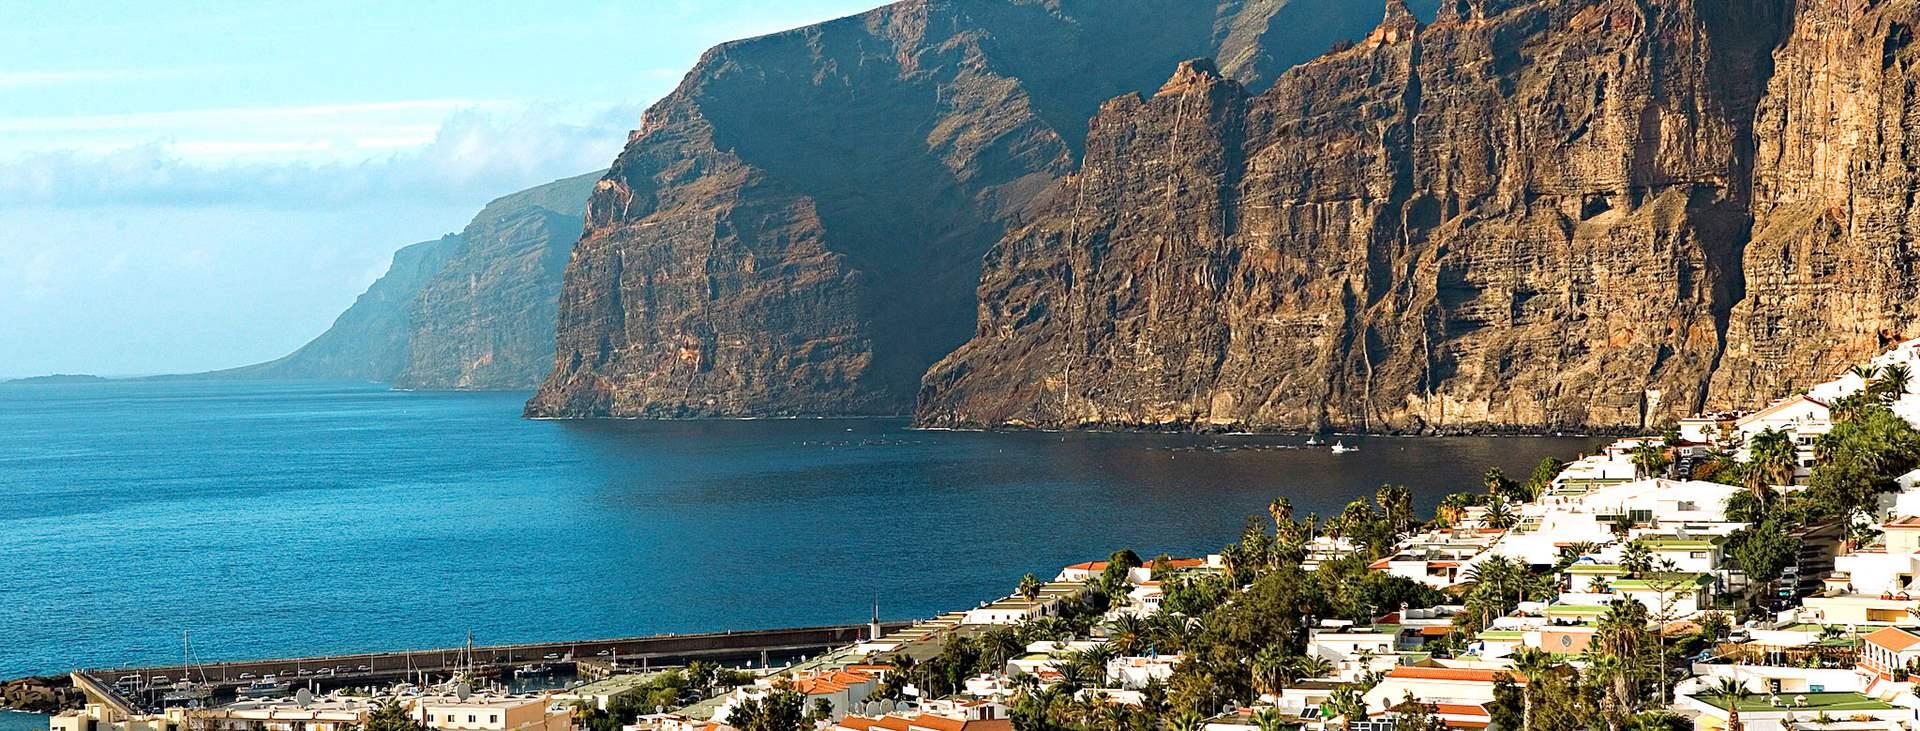 Bestill en reise med Ving til Los Gigantes på Tenerife